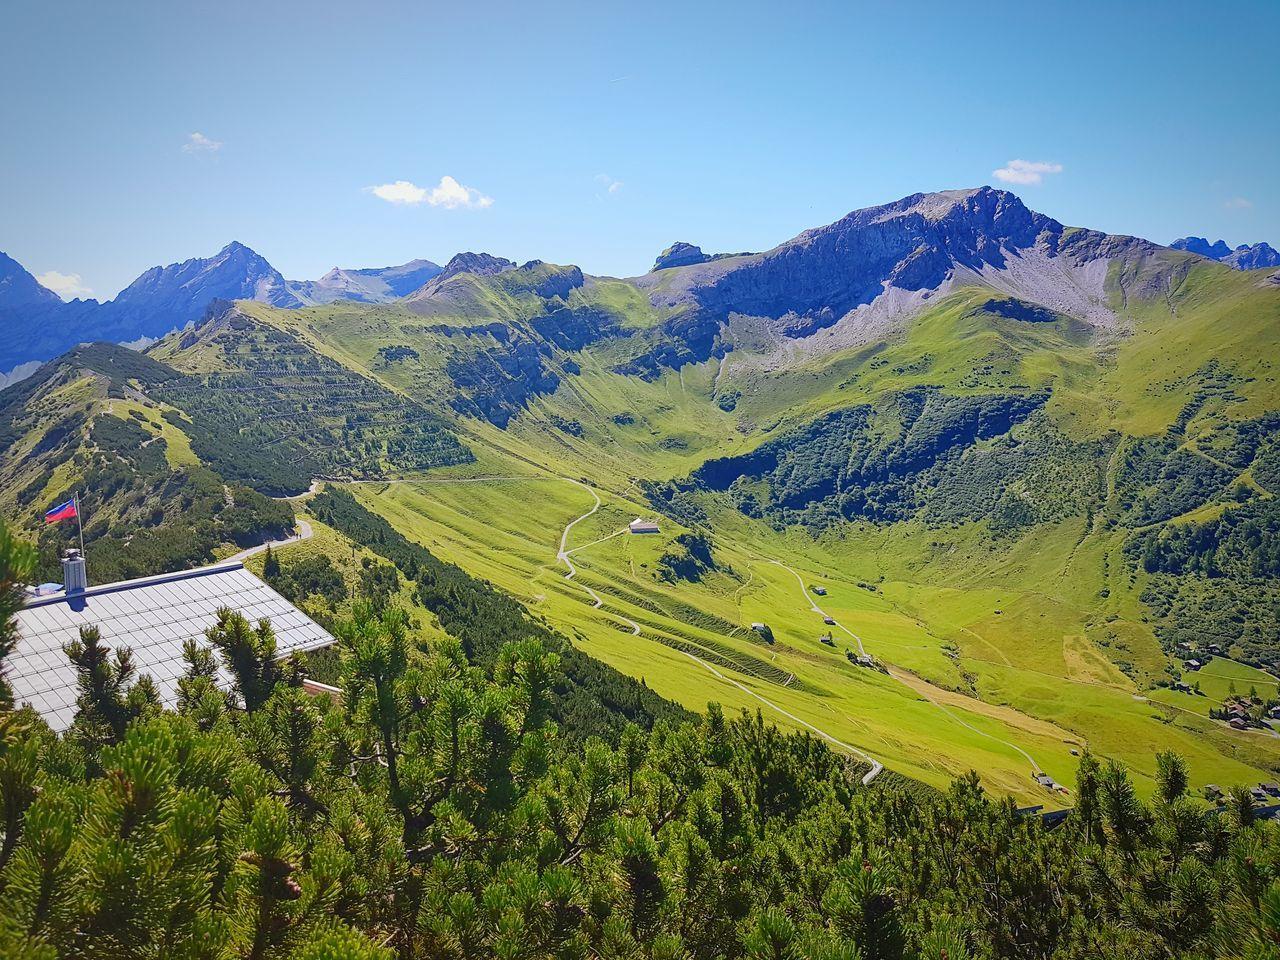 Liechtenstein Malbun Mountain View Alps EyeEm Nature Lover Showcase August EyeEm Best Shots Eye4photography  EyeEm Best Shots - Nature EyeEm Gallery